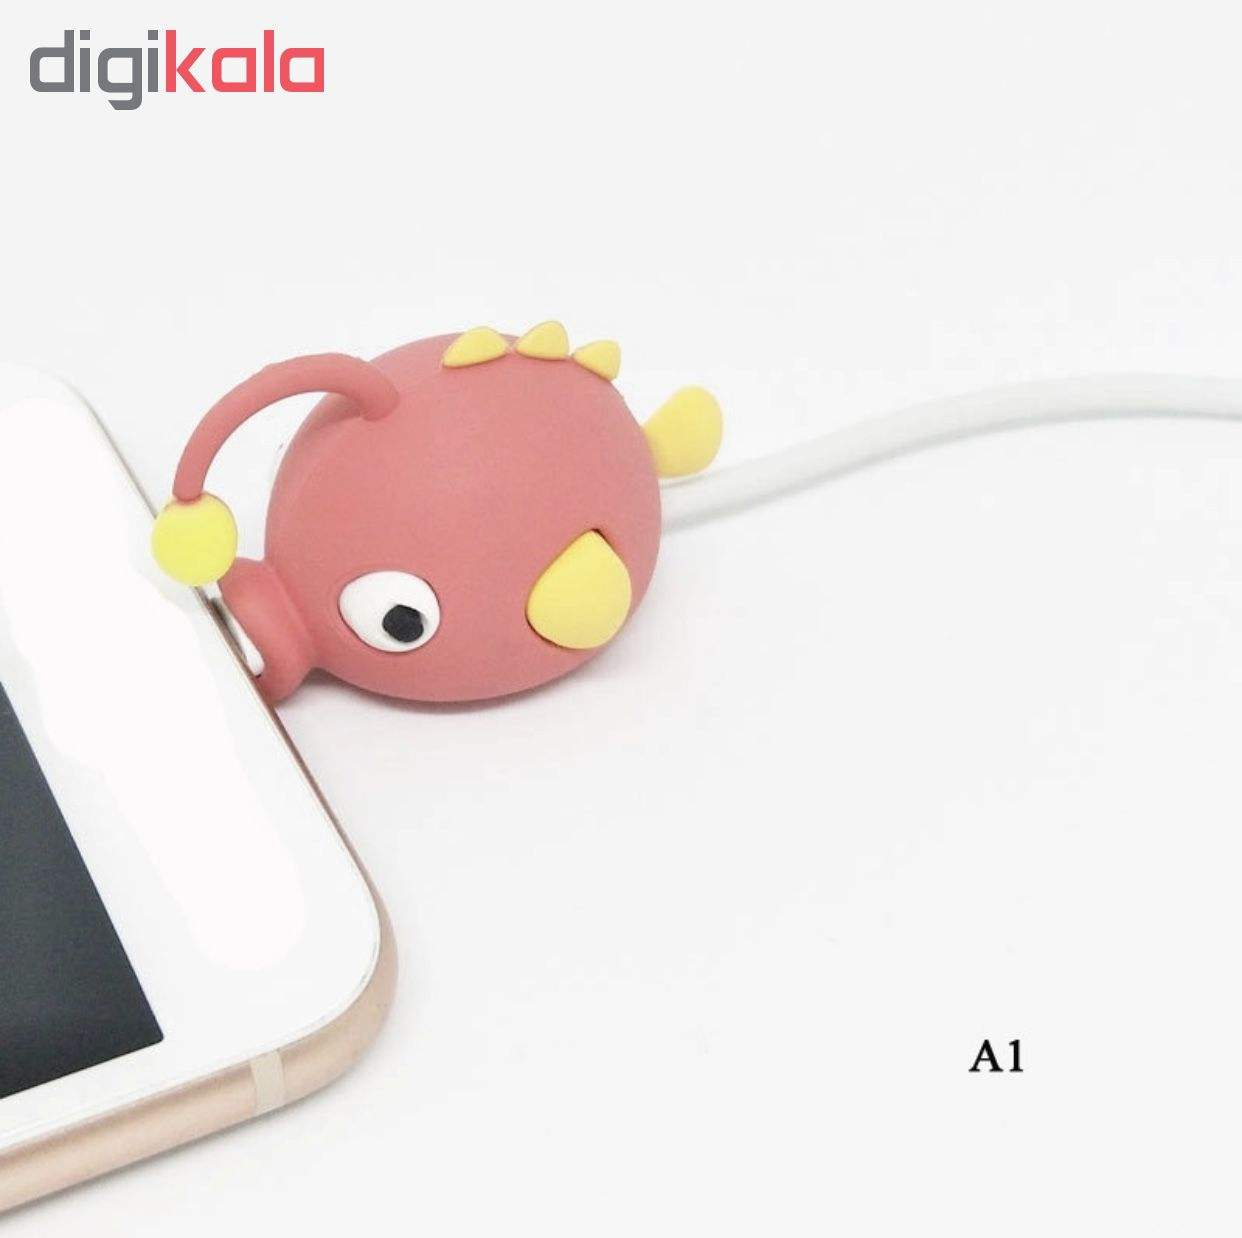 محافظ کابل عروسکی مدل DuDuFish main 1 3